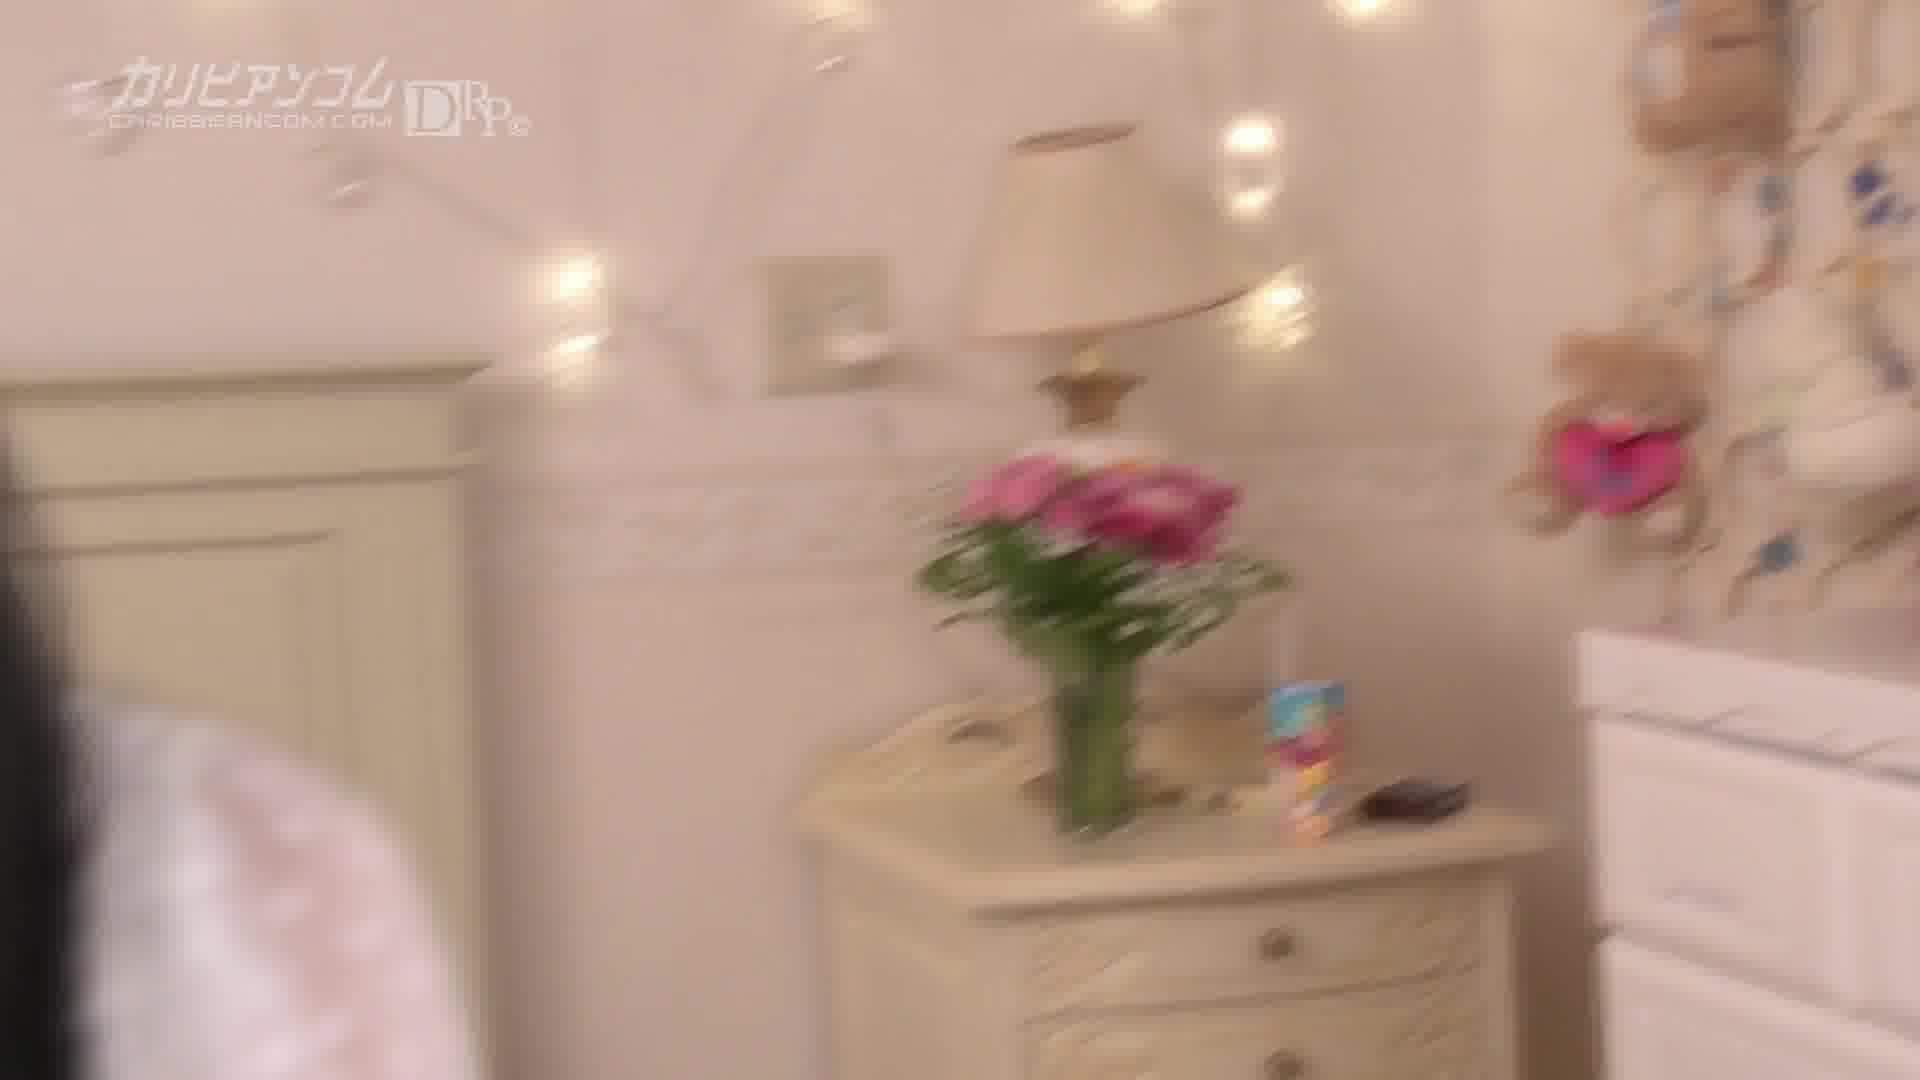 清水理紗の家で撮影しちゃおう - 清水理紗【巨乳・口内発射・中出し】